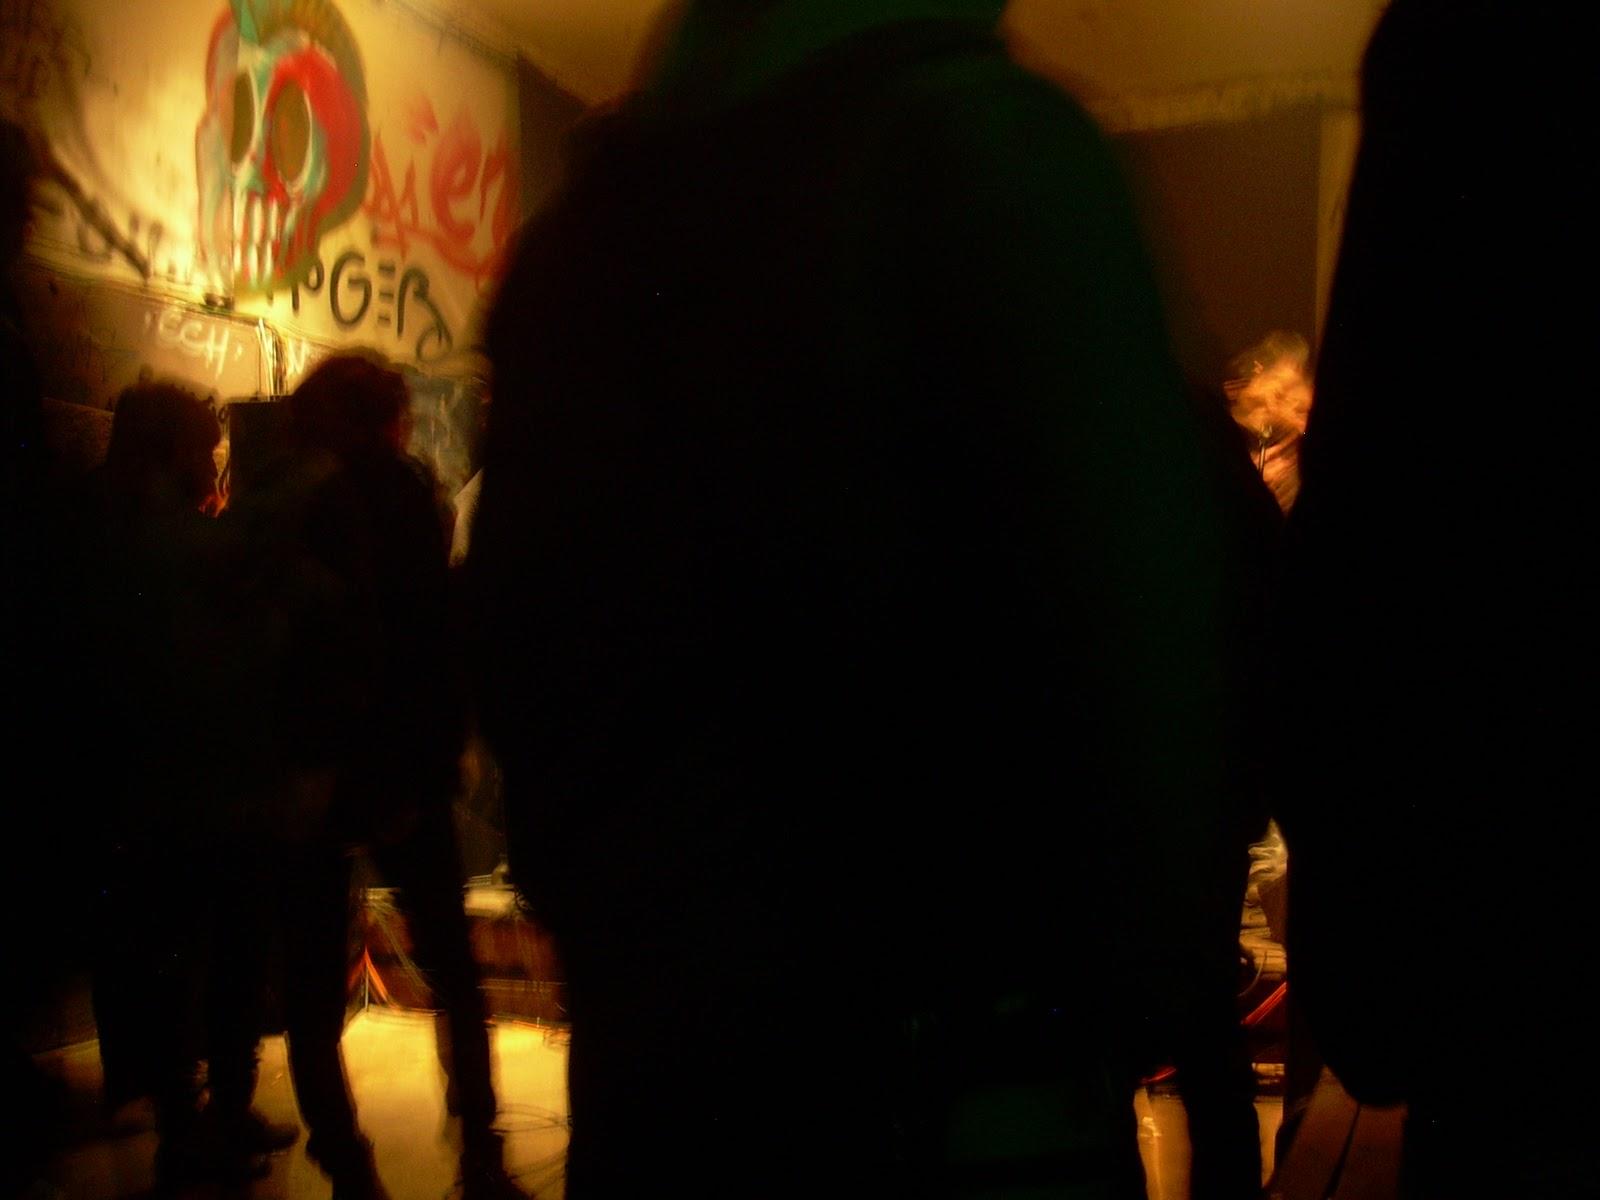 paname dans l 39 ame concerts garage surf rock samedi 21 juillet 2012 la miroiterie. Black Bedroom Furniture Sets. Home Design Ideas